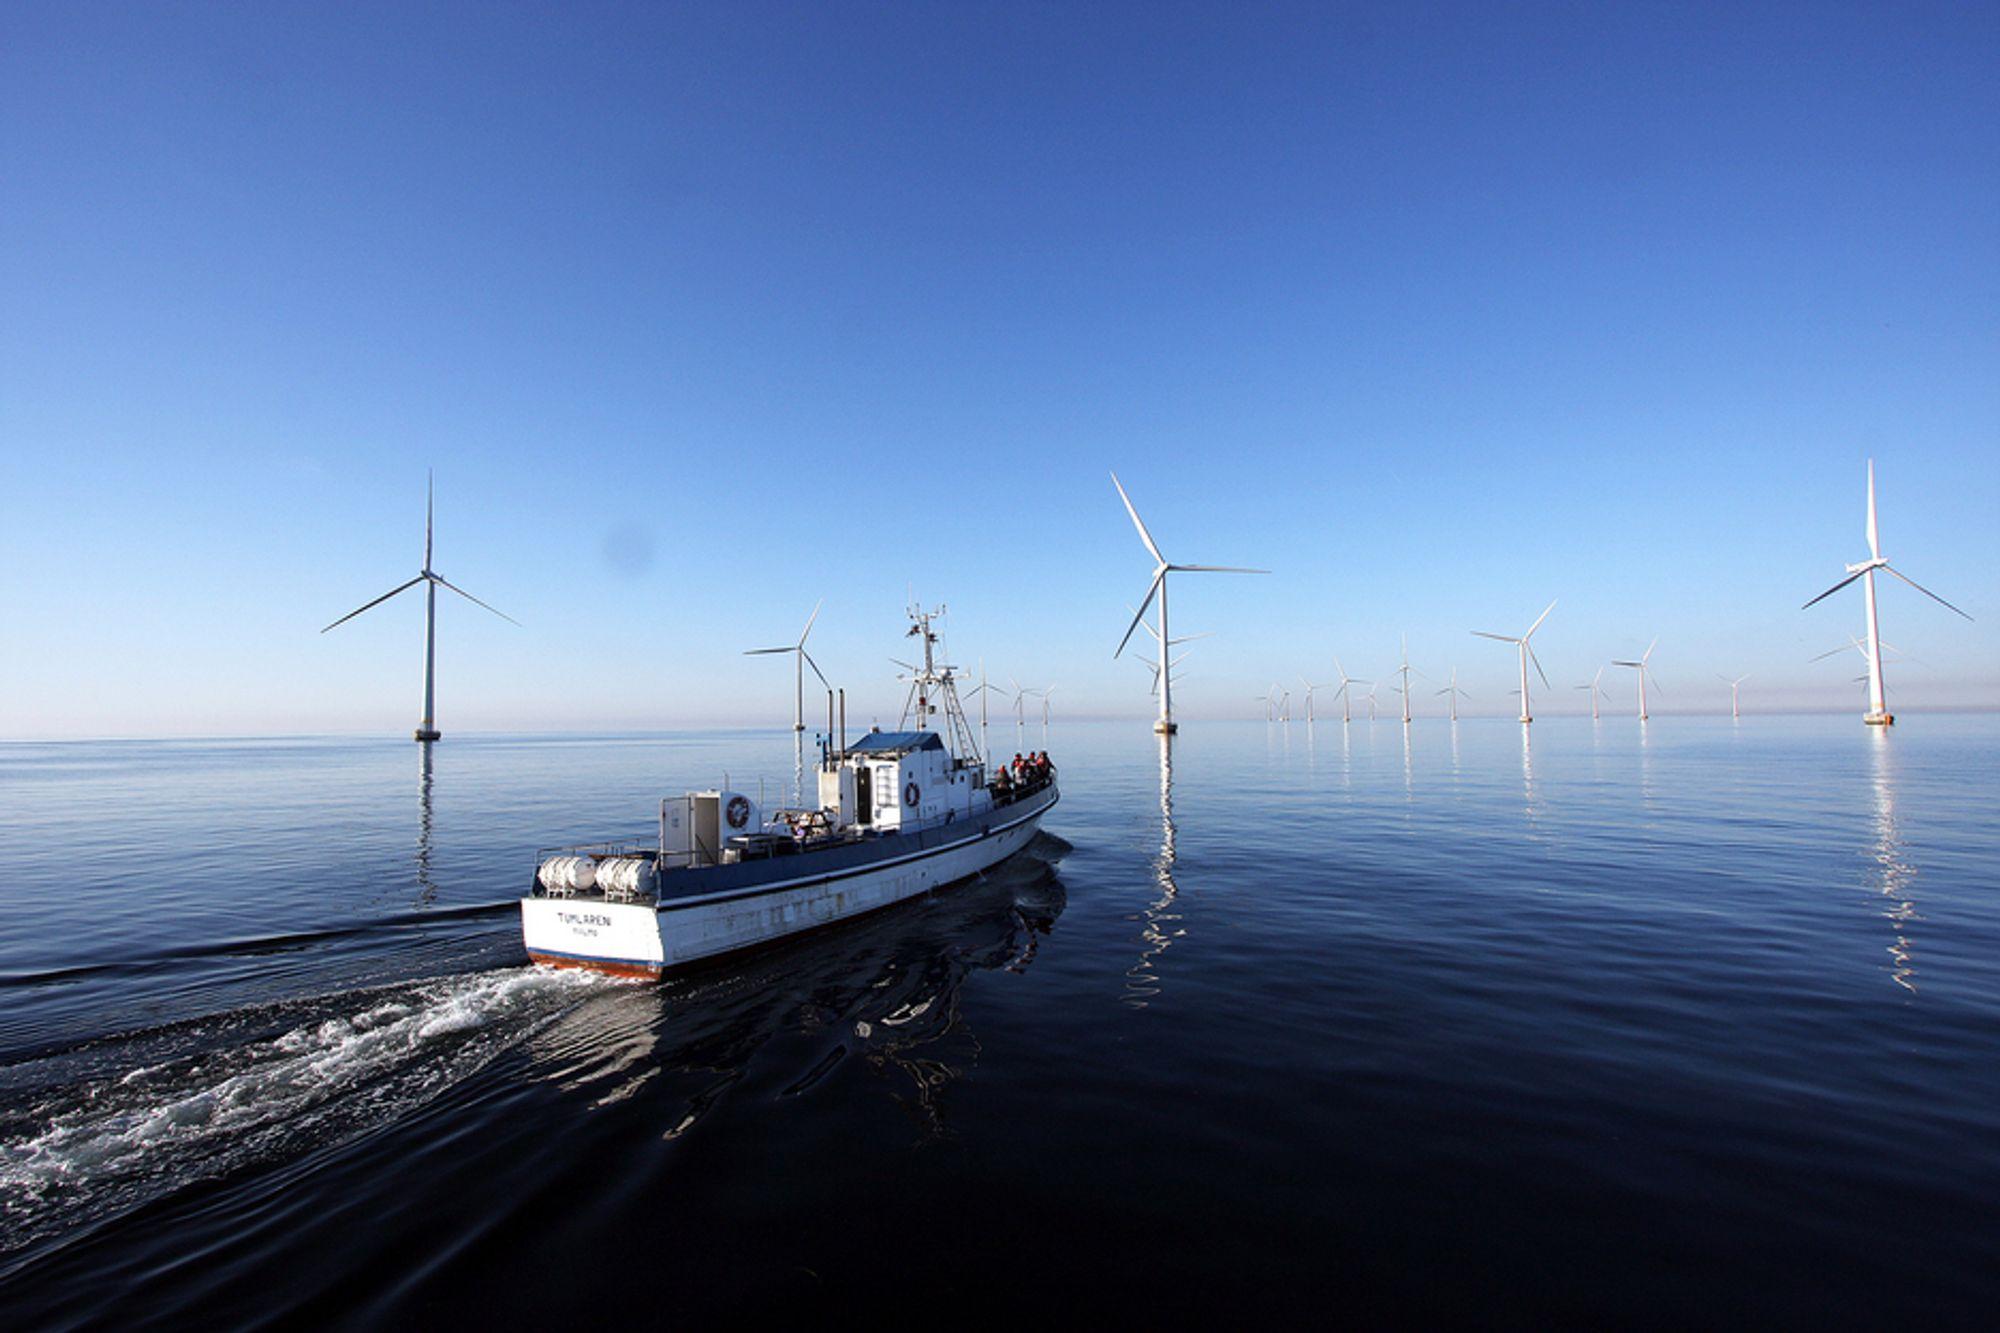 SKYHØYT KOSTNADSNIVÅ: Vindkraft til havs krever store drifts- og vedlikeholdskostnader, i tillegg til at selve installasjonsarbeidet er svært kostbart. Det er en av årsakene til at offshore havvind aldri blir mer lønnsomt enn landbasert vind, ifølge en ny rapport om vindkraft.